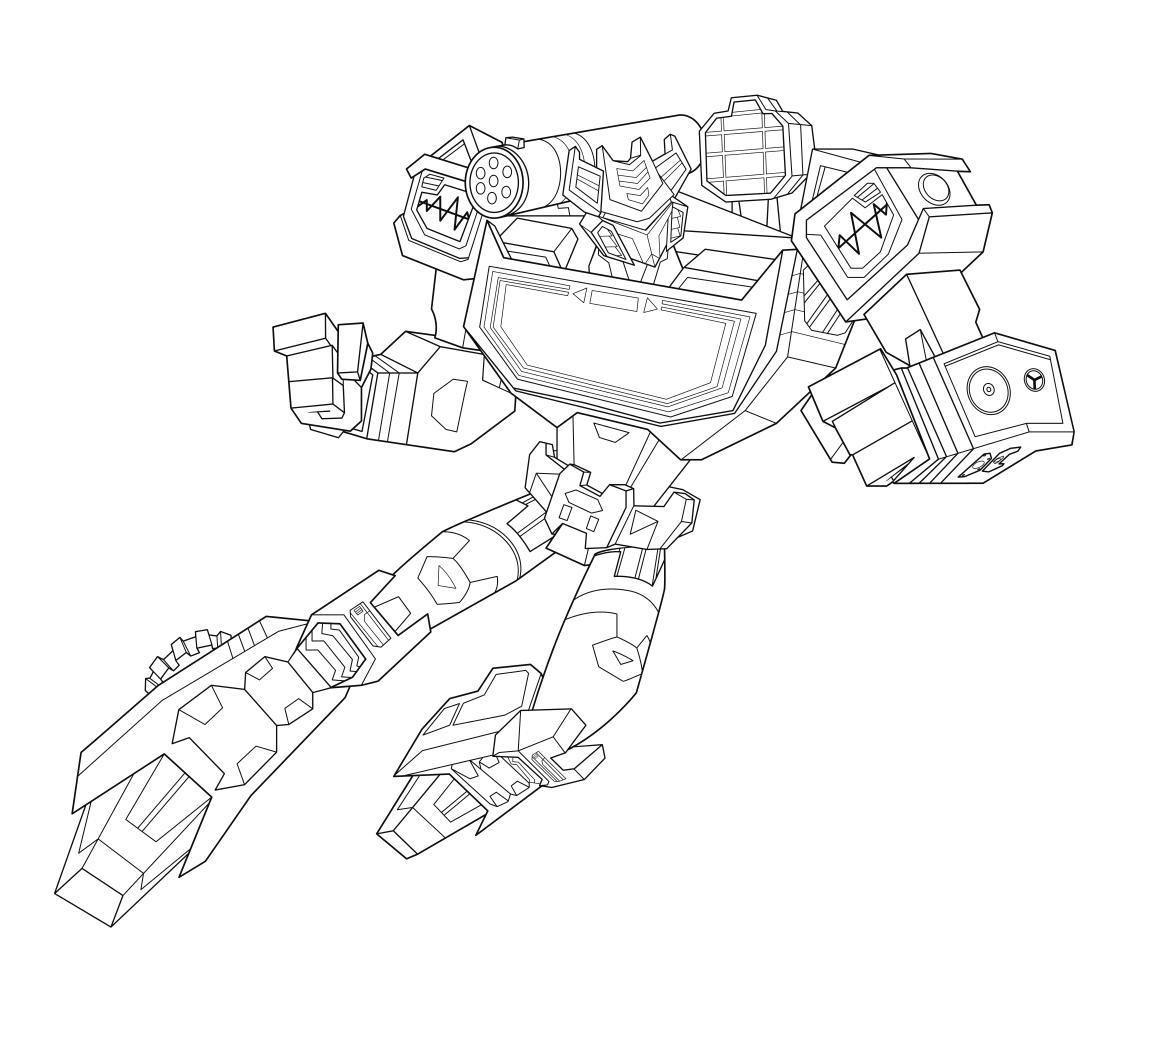 Tranh tô màu cho bé chủ đề Robot biến hình